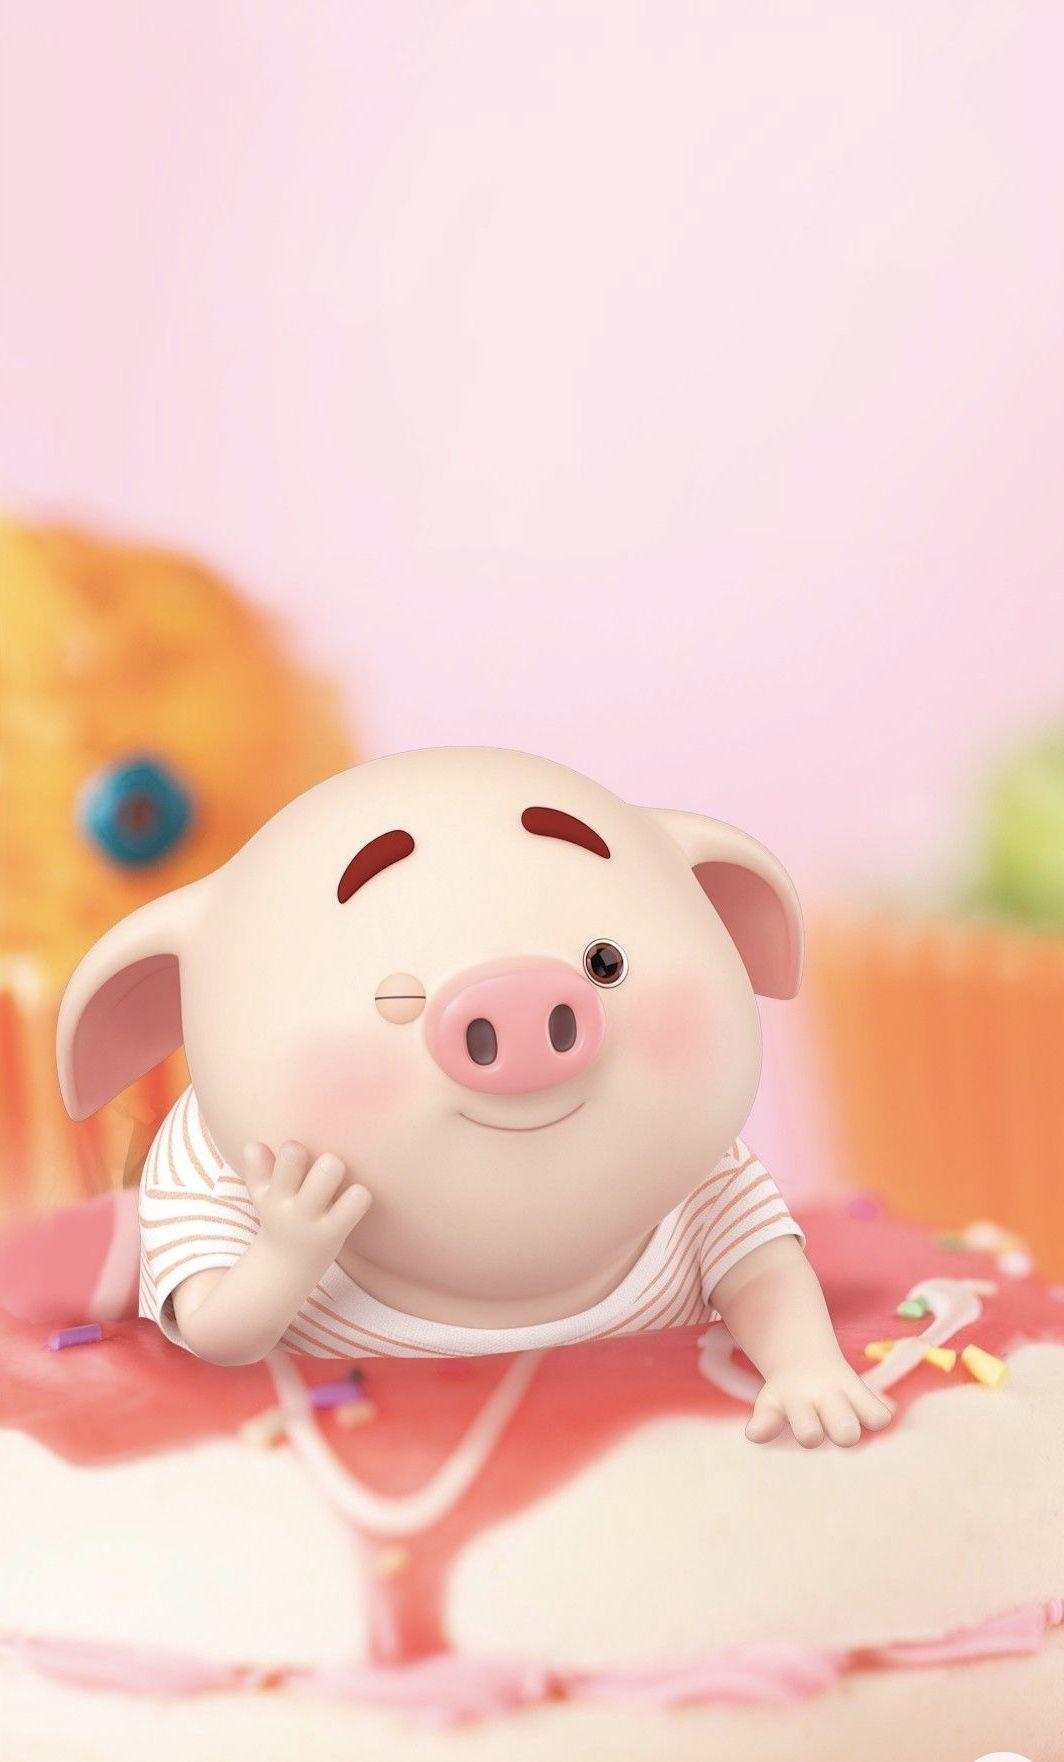 Pin De Smitty Ho Em 1 猪小屁 Eat Porcos Fofos Porquinhos Papel De Parede De Porco